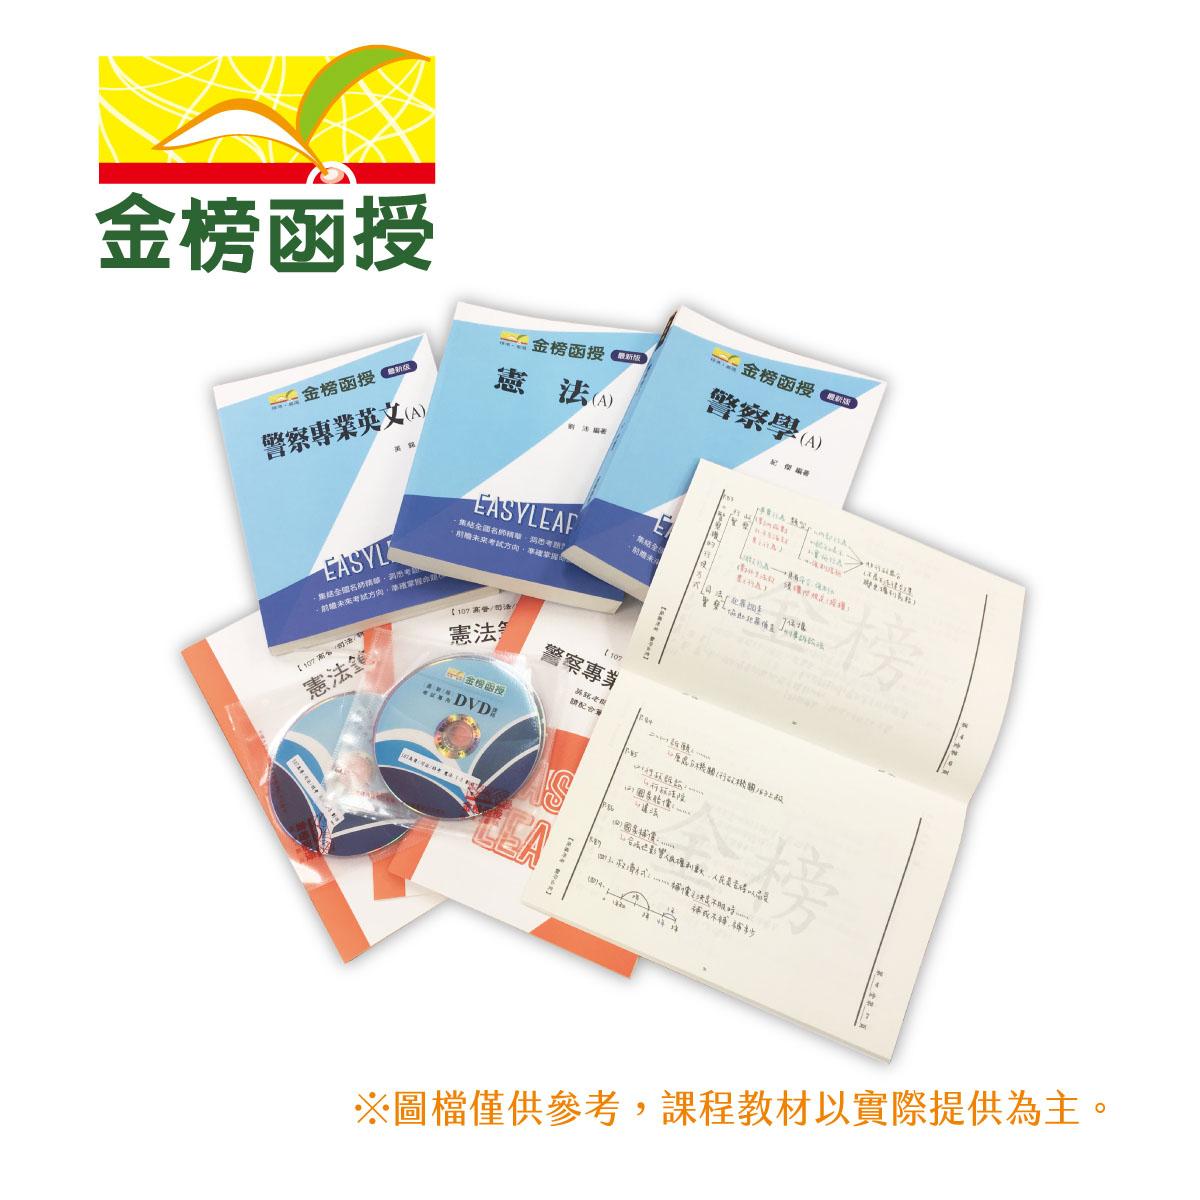 108金榜函授/律师/加强课程/全套/律师(智)/DVD